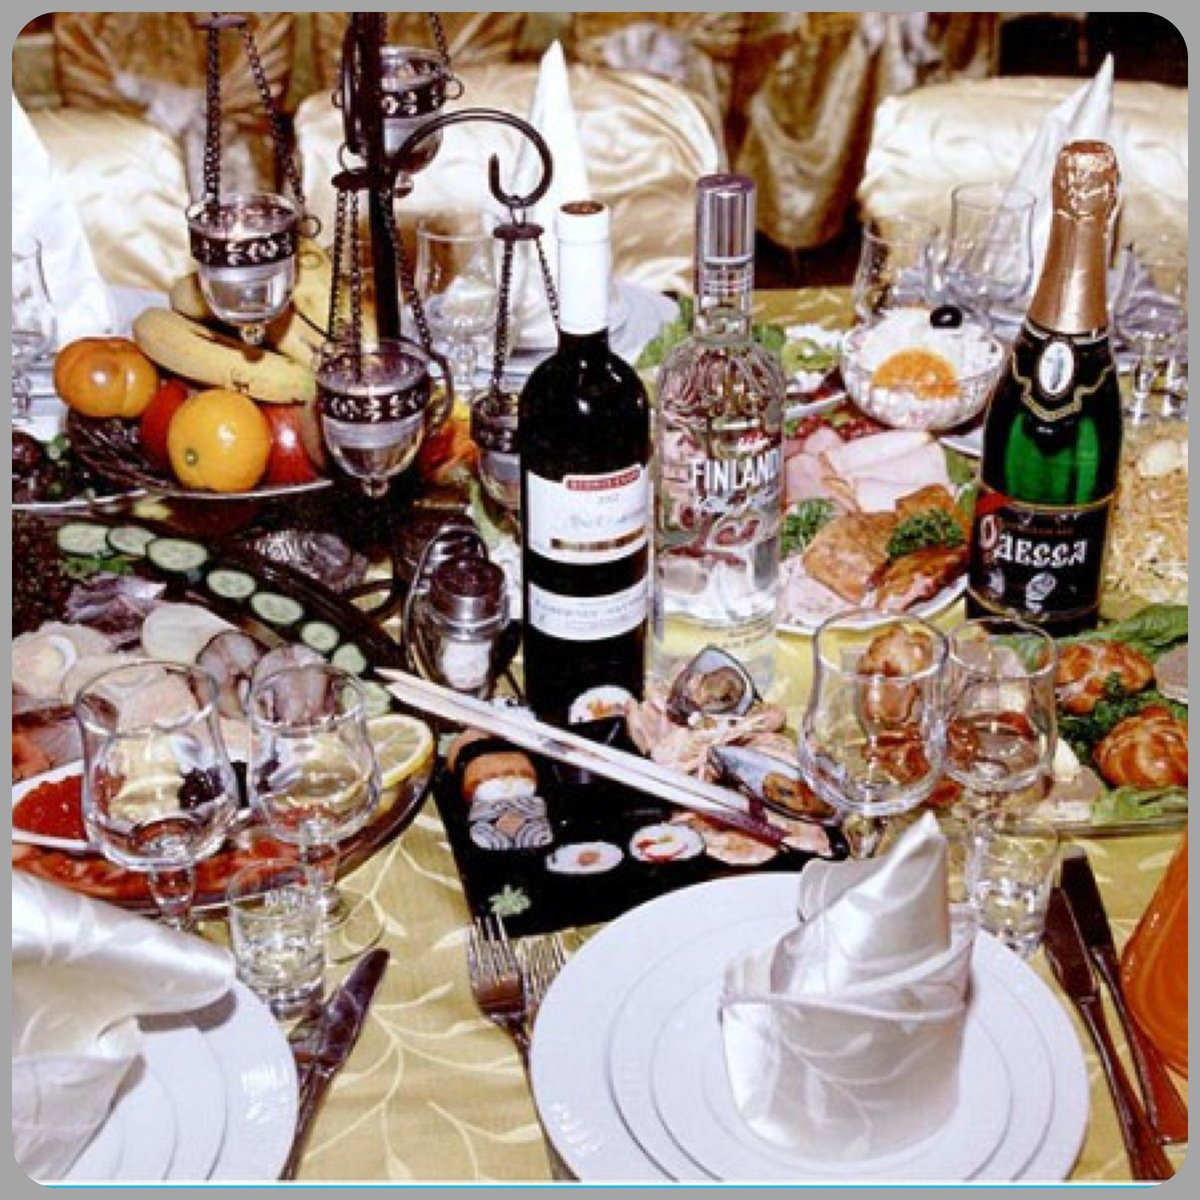 этим картинки накрытых столов с алкоголем то